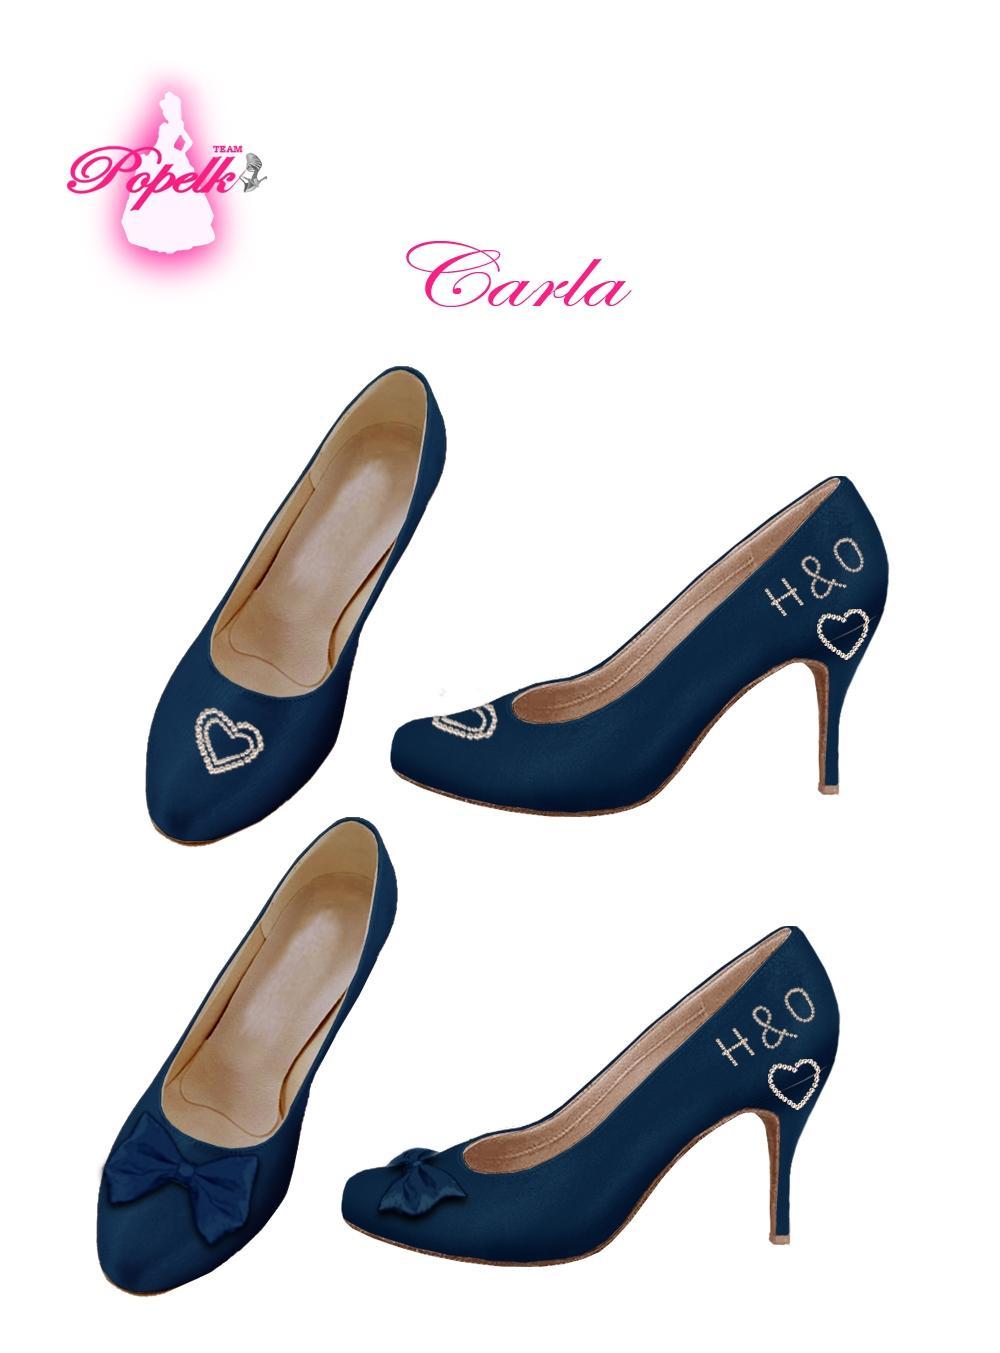 @janas17 Dobrý deň topánky... - Obrázok č. 1